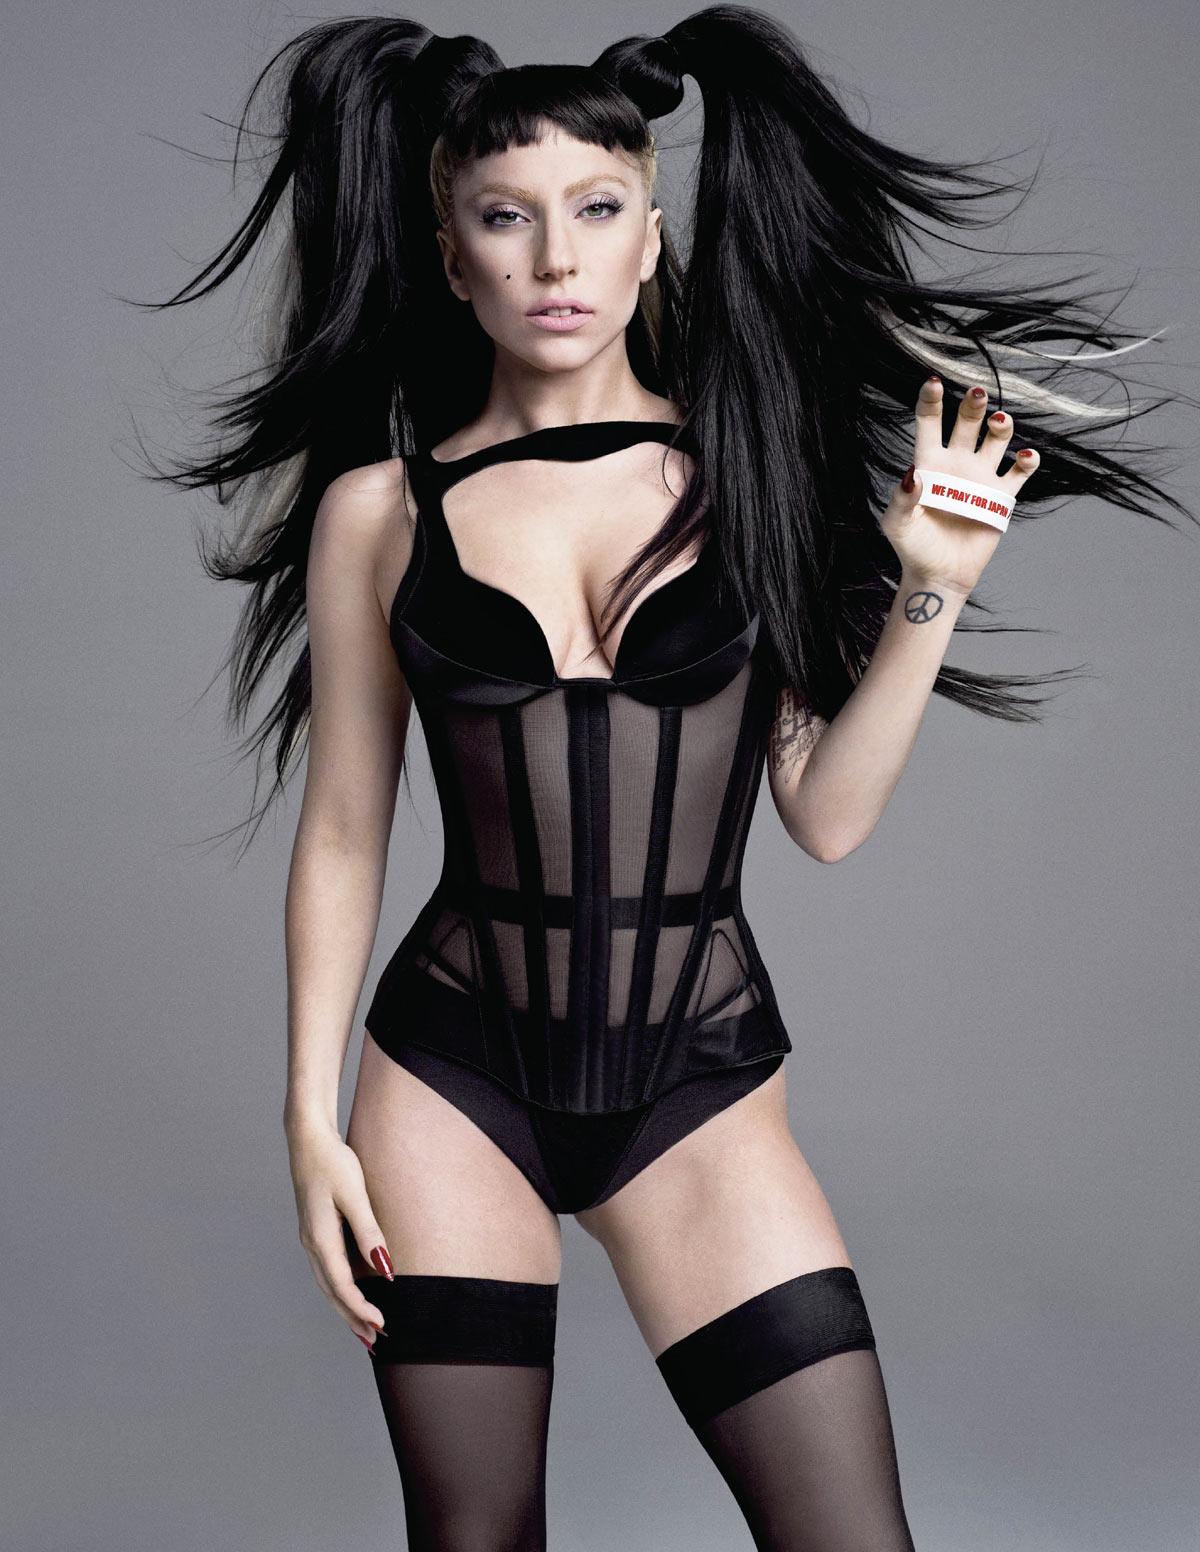 http://2.bp.blogspot.com/-81G_VdeB-MY/TepvdMPBfPI/AAAAAAAAADk/2LnbACx5acc/s1600/Lady-Gaga-V-Magazine-Summer-2011-Pic-5.jpg